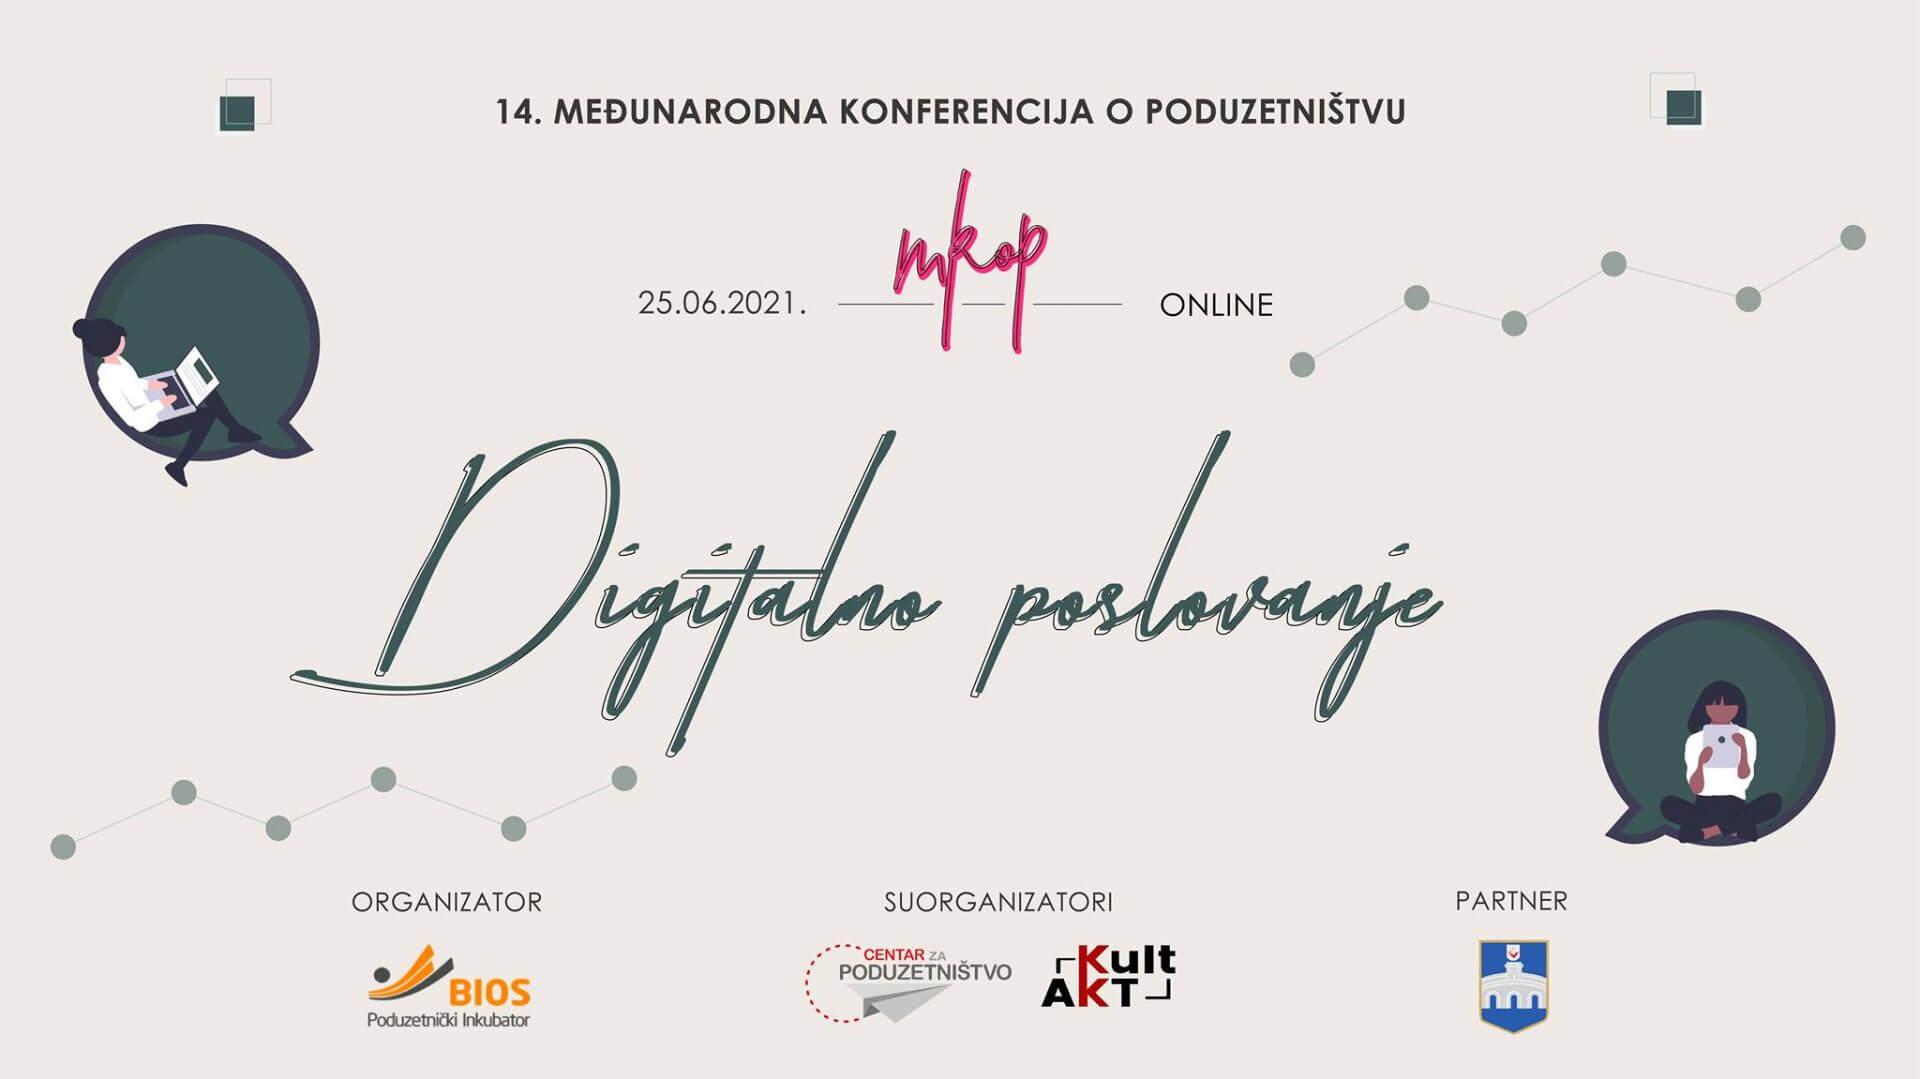 14. Međunarodna konferencija o poduzetništvu